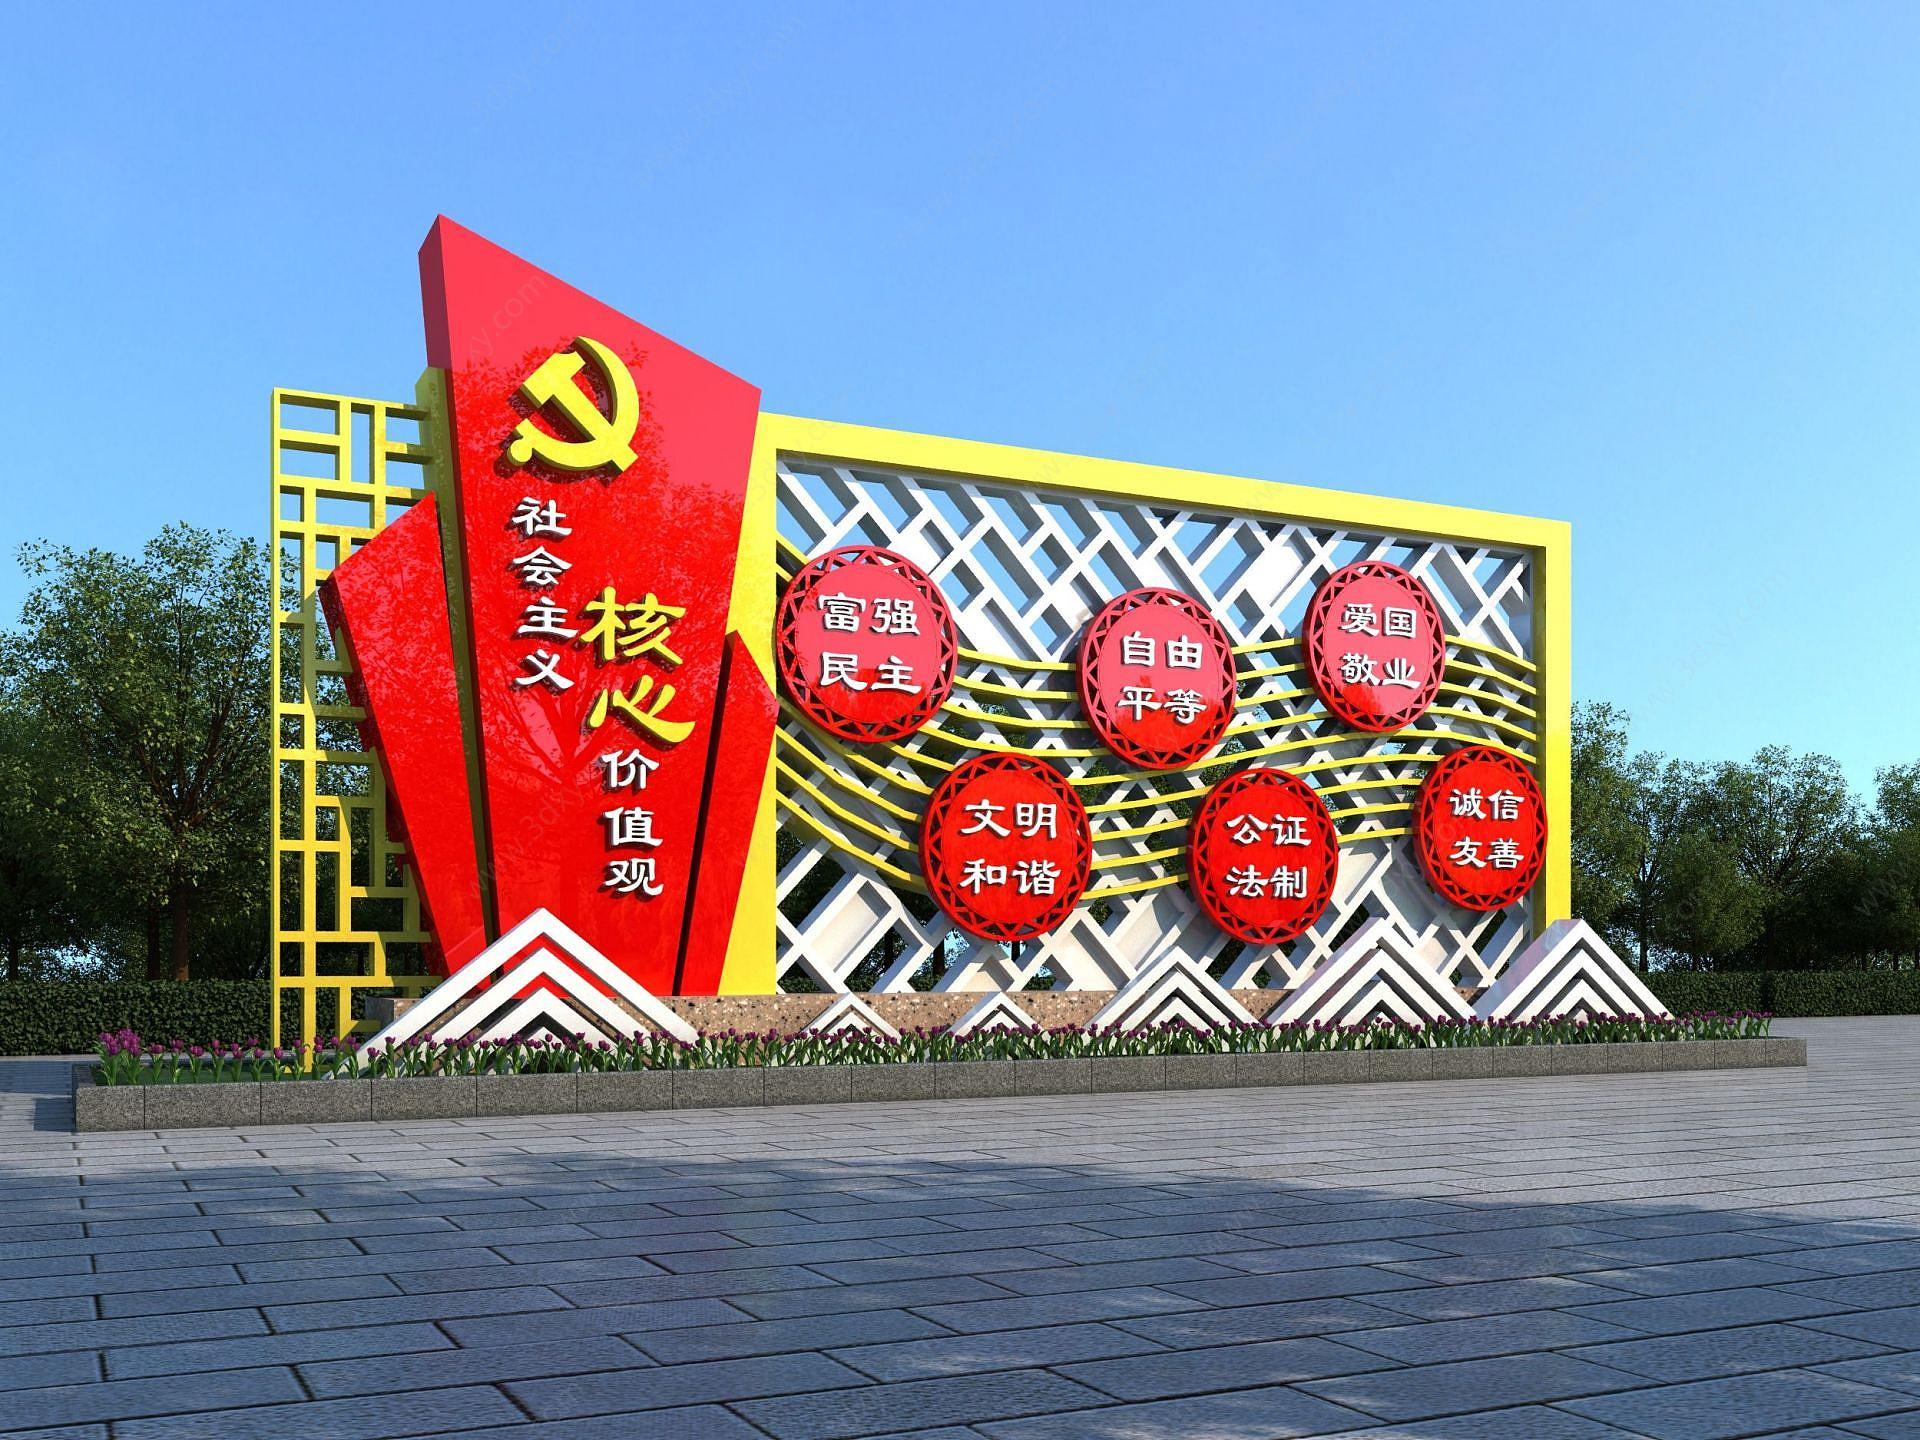 文化墙模_3d文化墙模型,文化墙3d模型下载_3D学苑